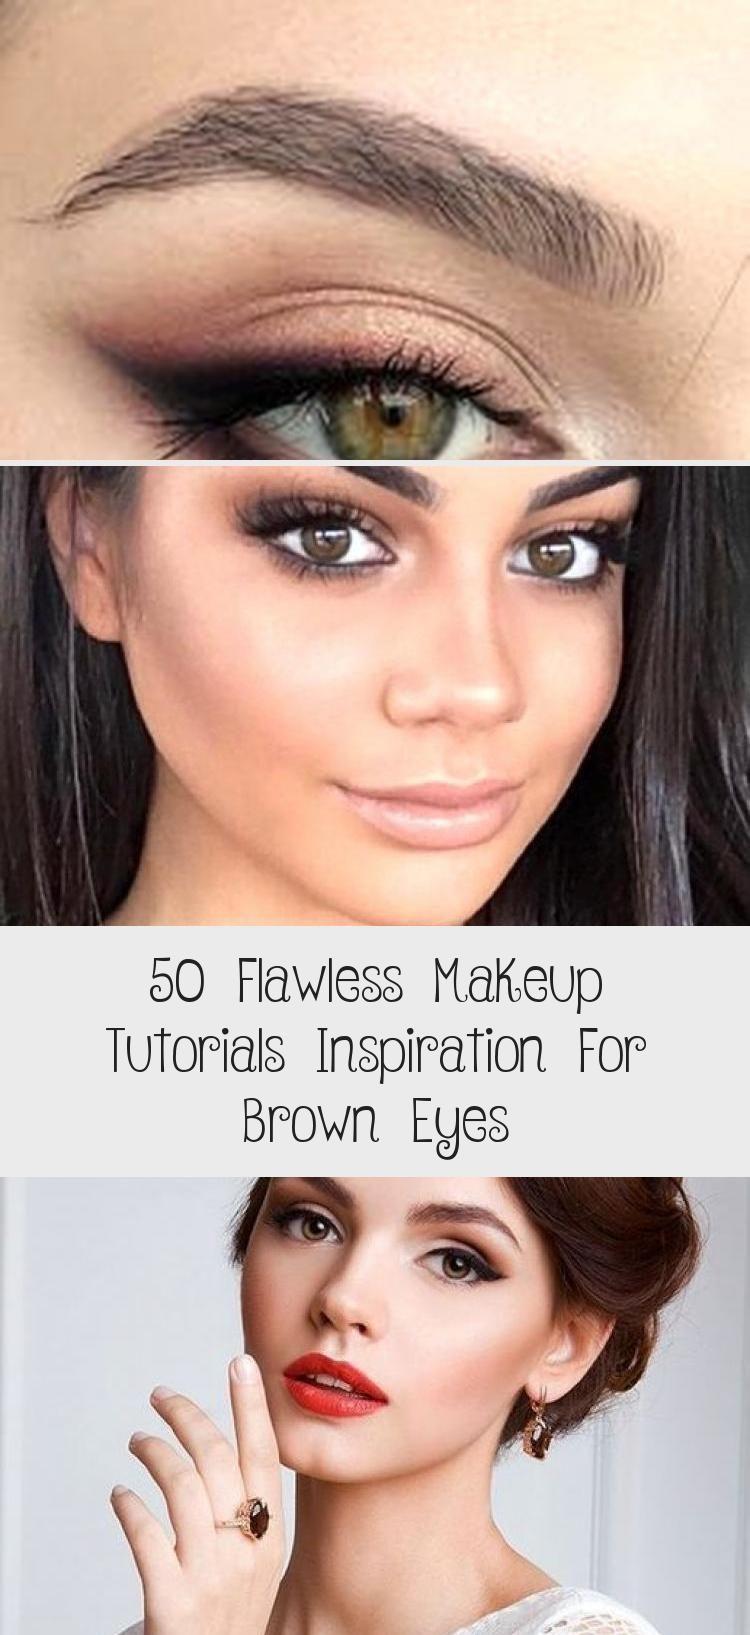 Hair Styles 2020 Best Hair Styles Ideas In 2020 Flawless Makeup Flawless Makeup Tutorial Makeup For Brown Eyes